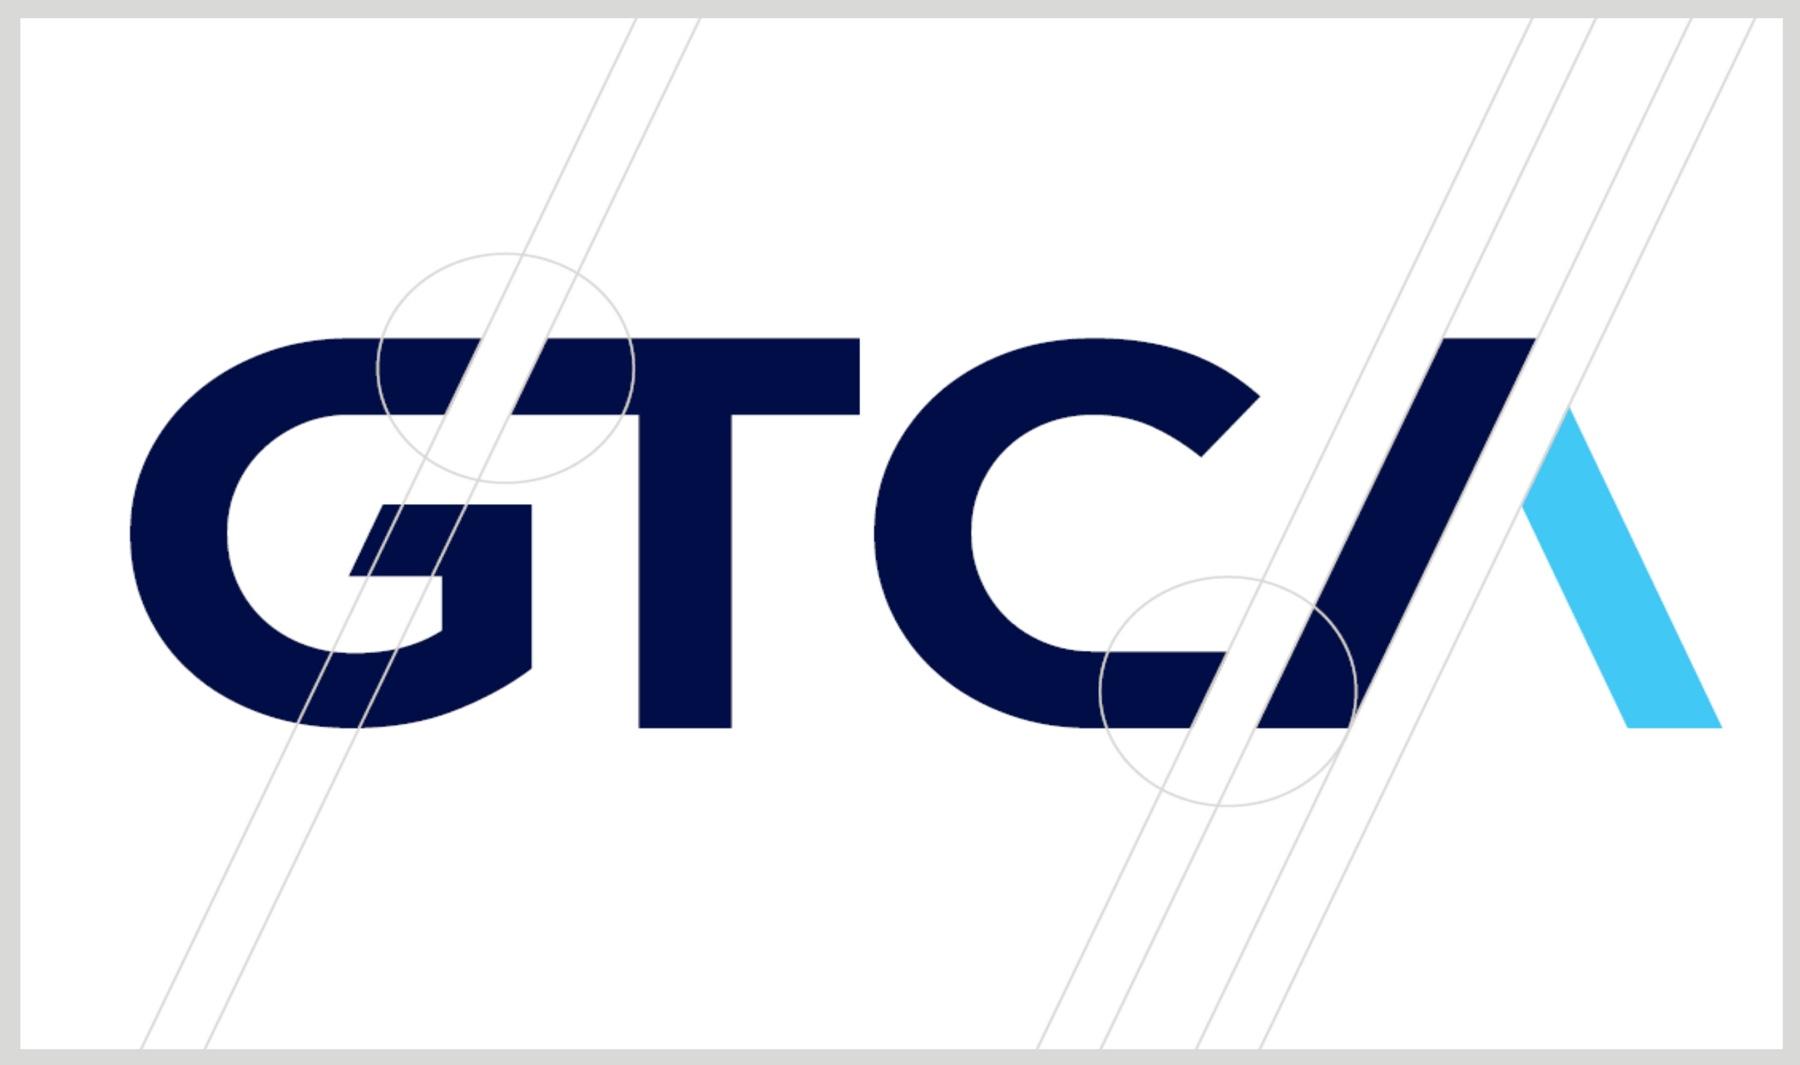 GTCA rebrand.jpg